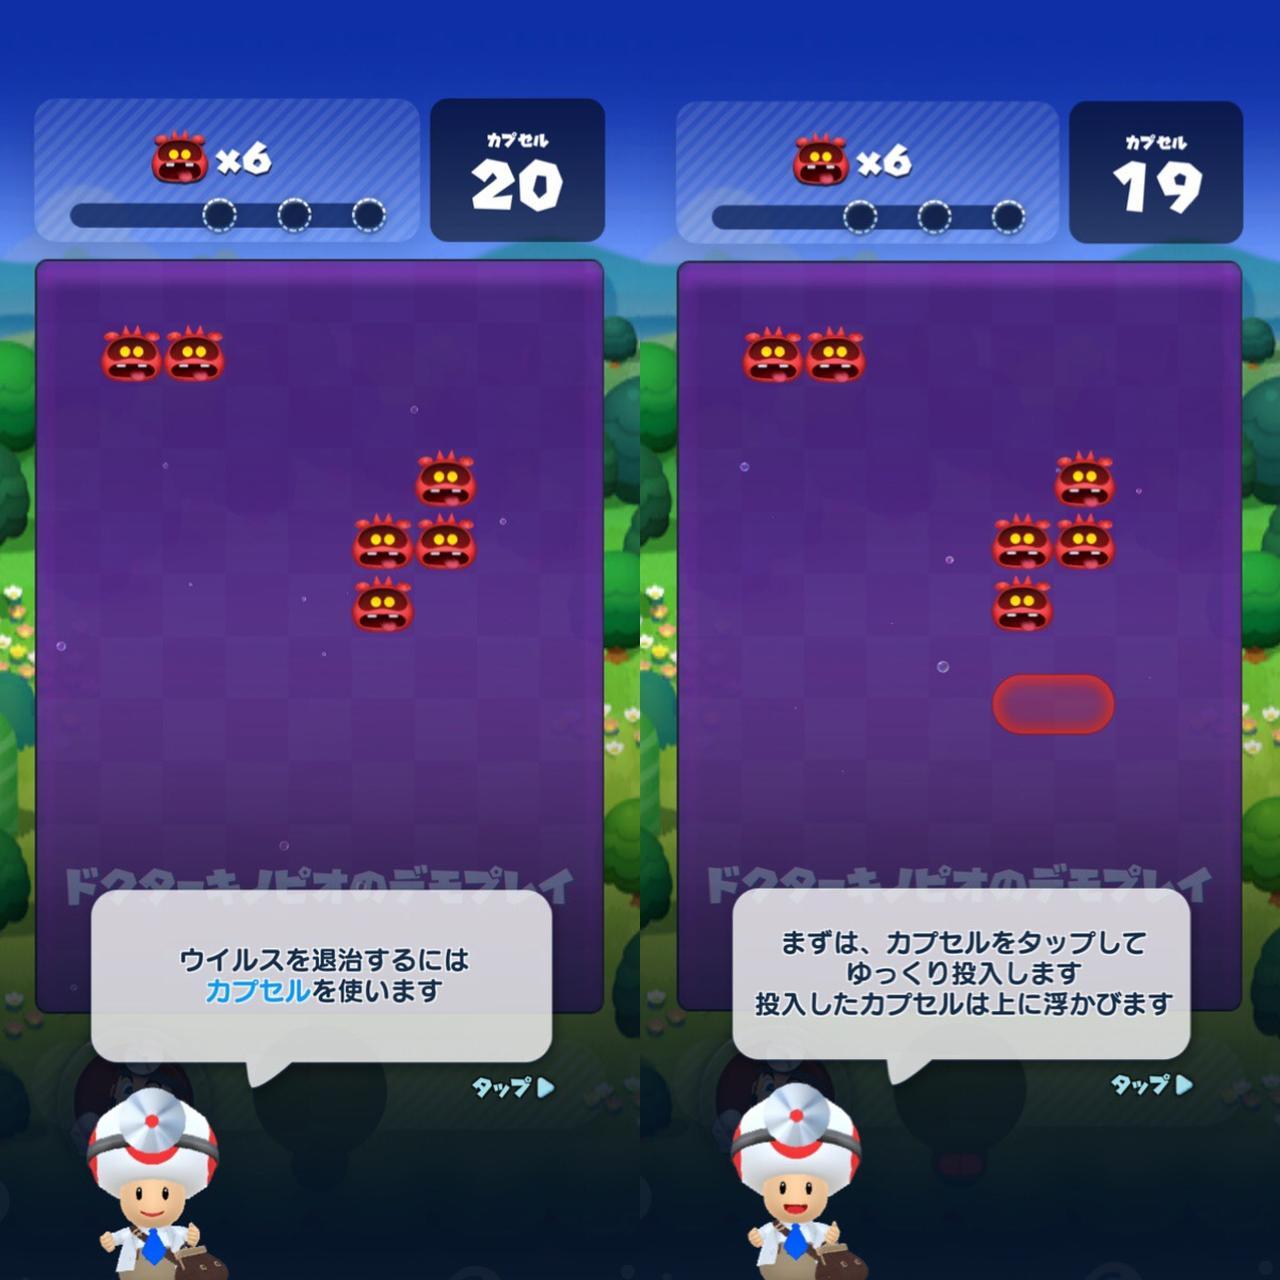 画像2: マリオの世界がウイルスでいっぱいに?!白衣のマリオが大活躍!